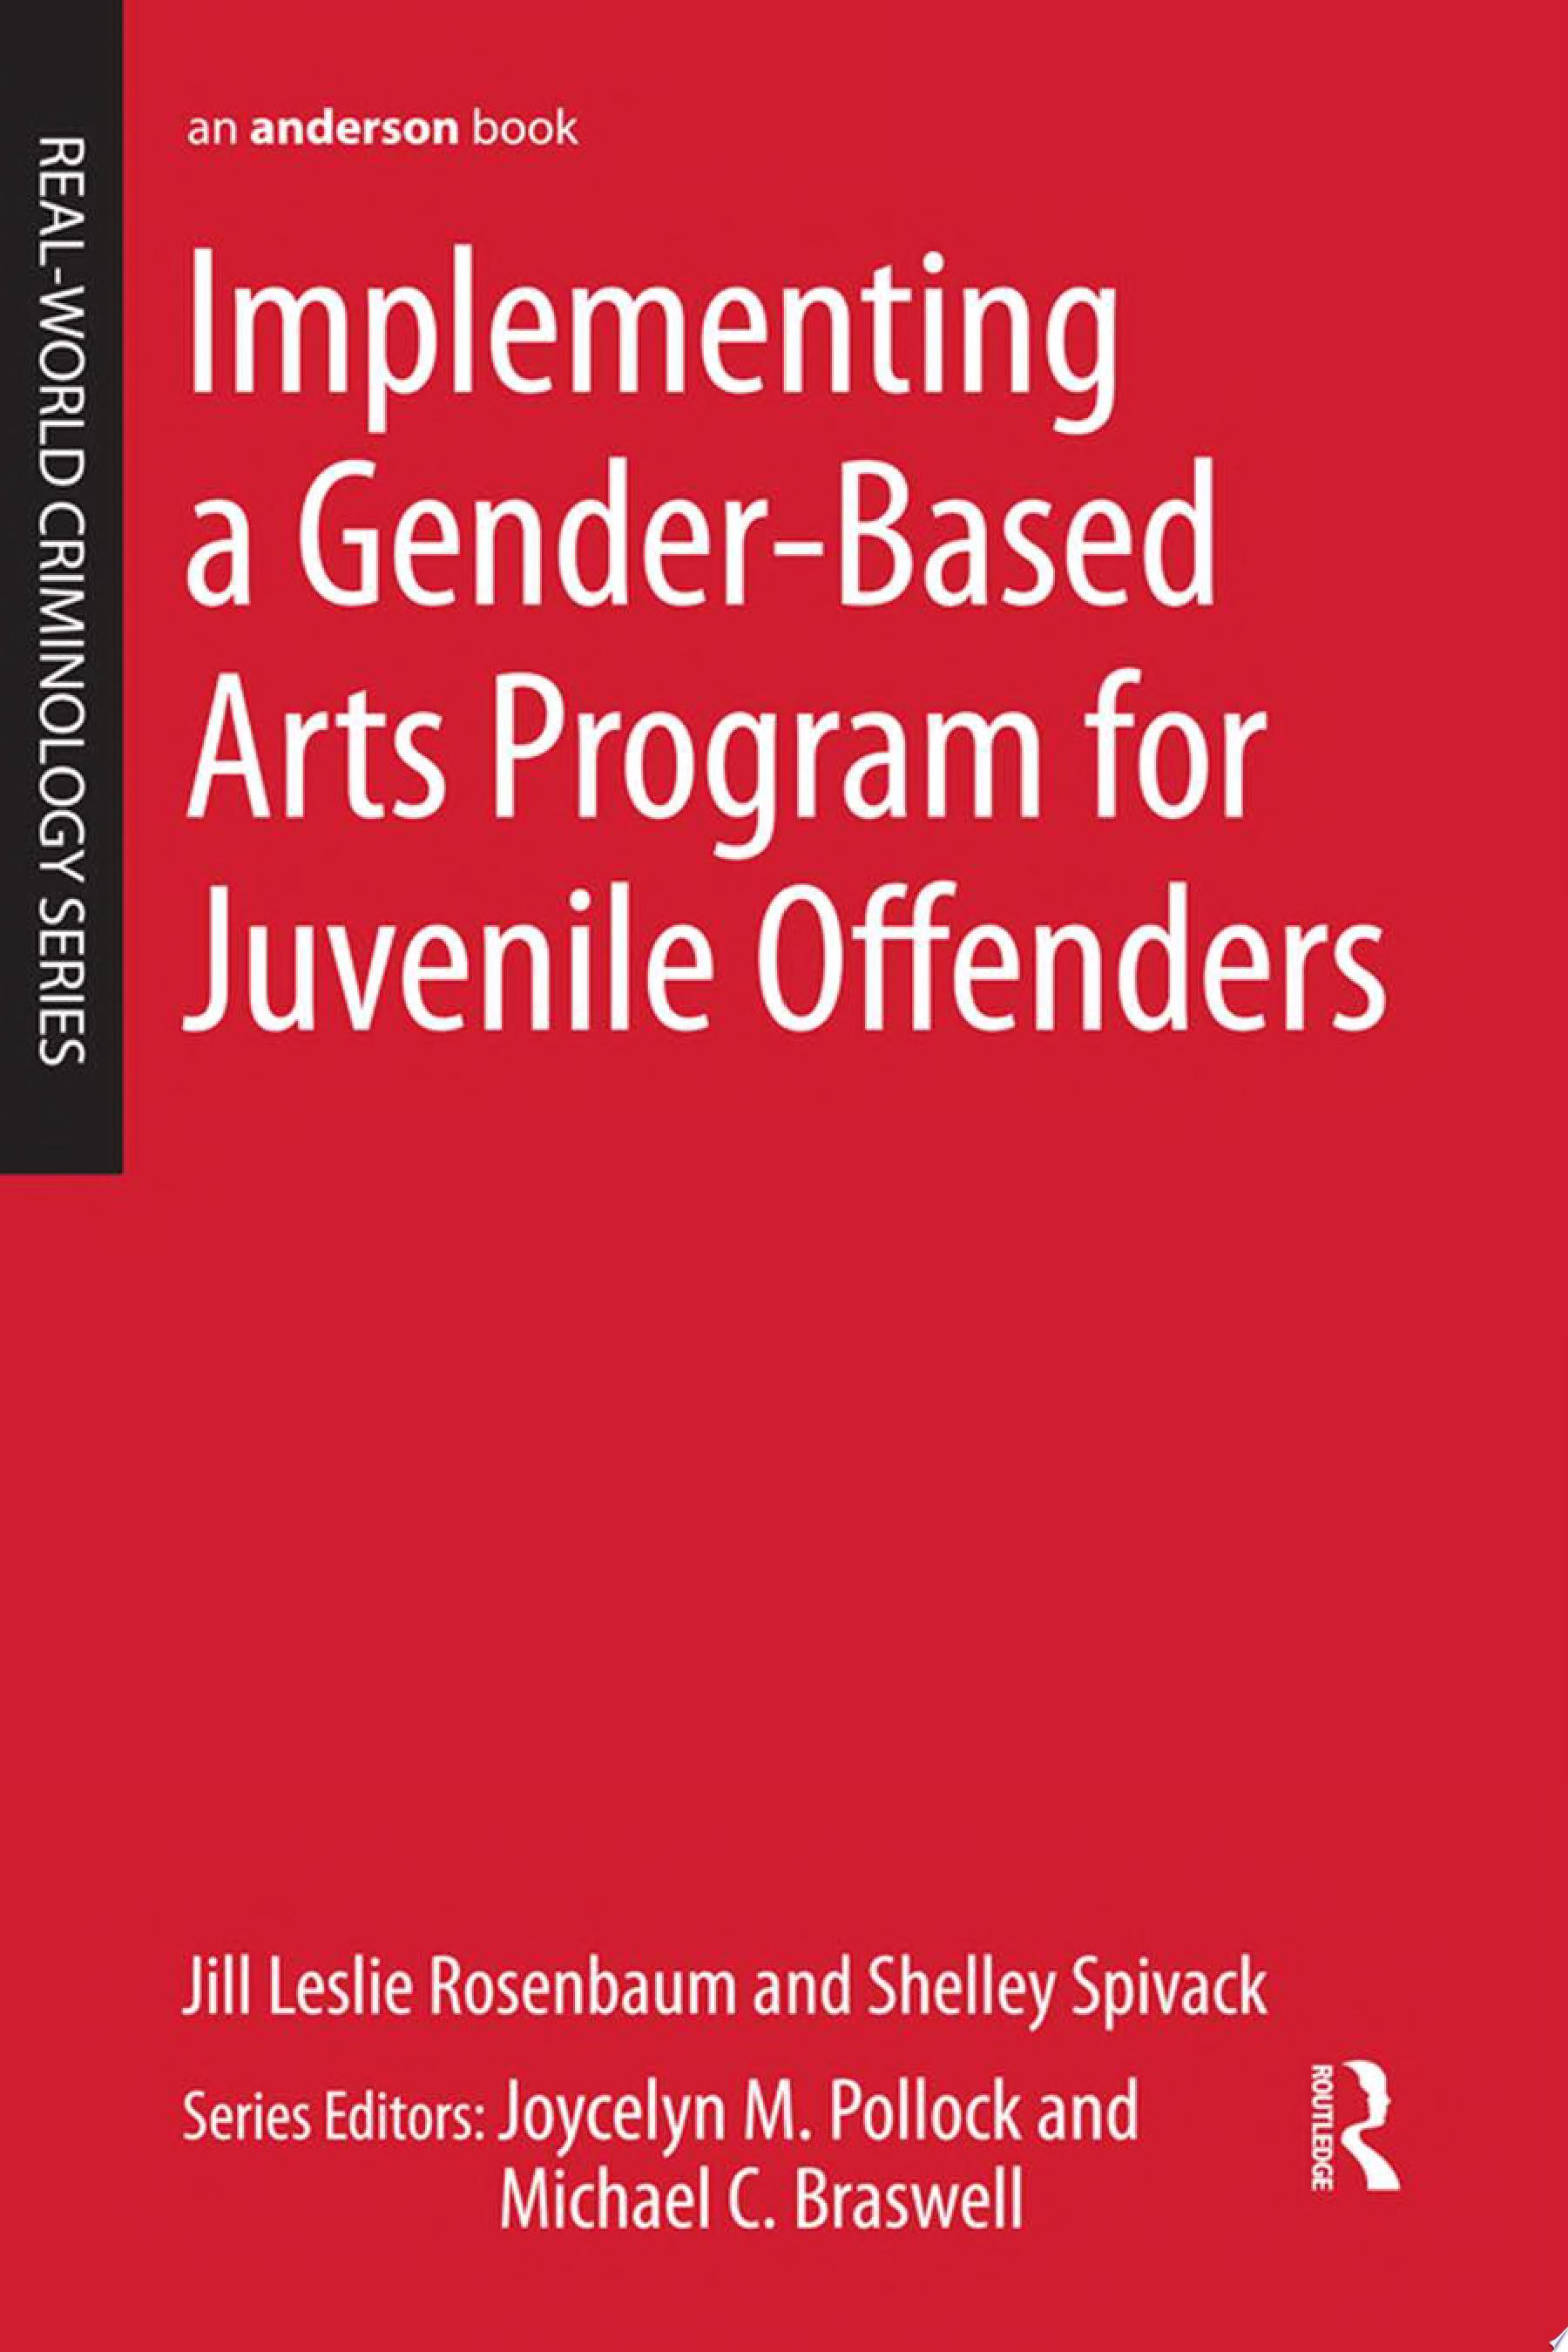 Implementing a Gender Based Arts Program for Juvenile Offenders